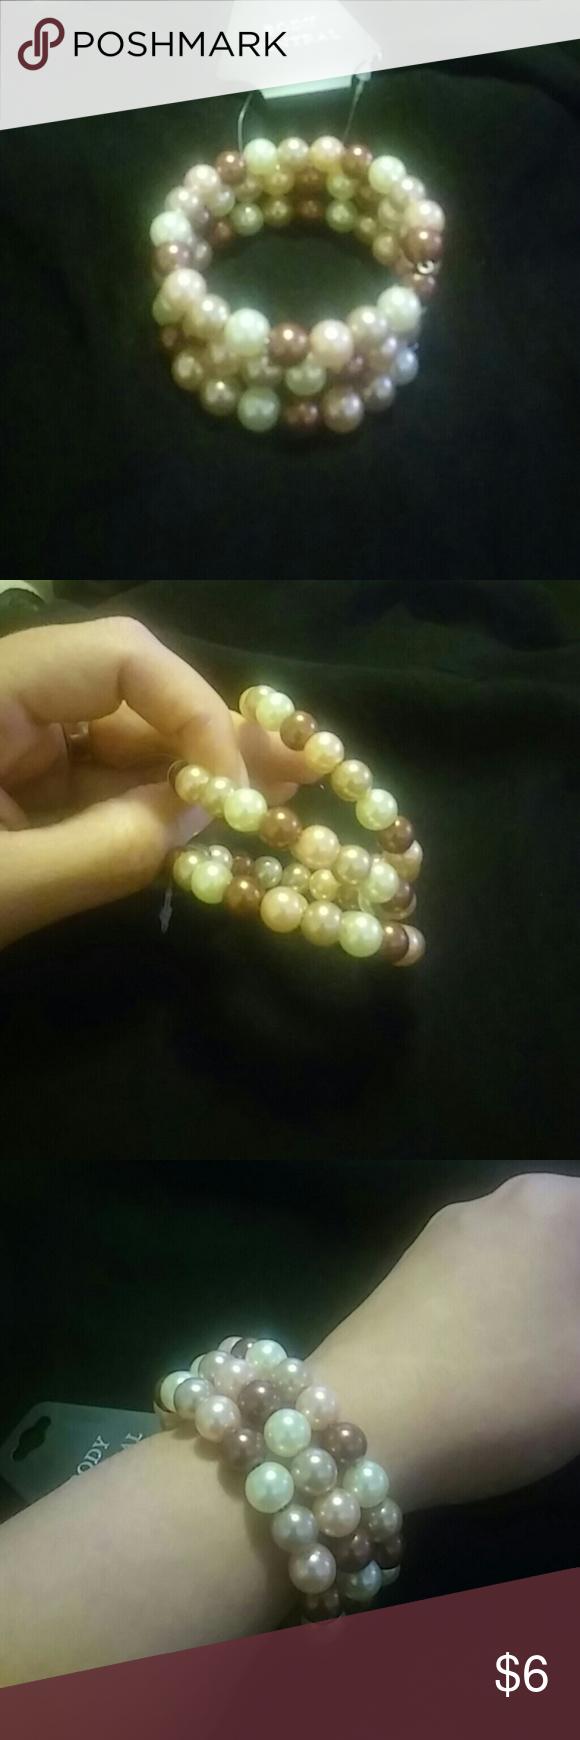 Multi-colored pearl bracelet 3 row pearl bracelet. Never worn. Jewelry Bracelets